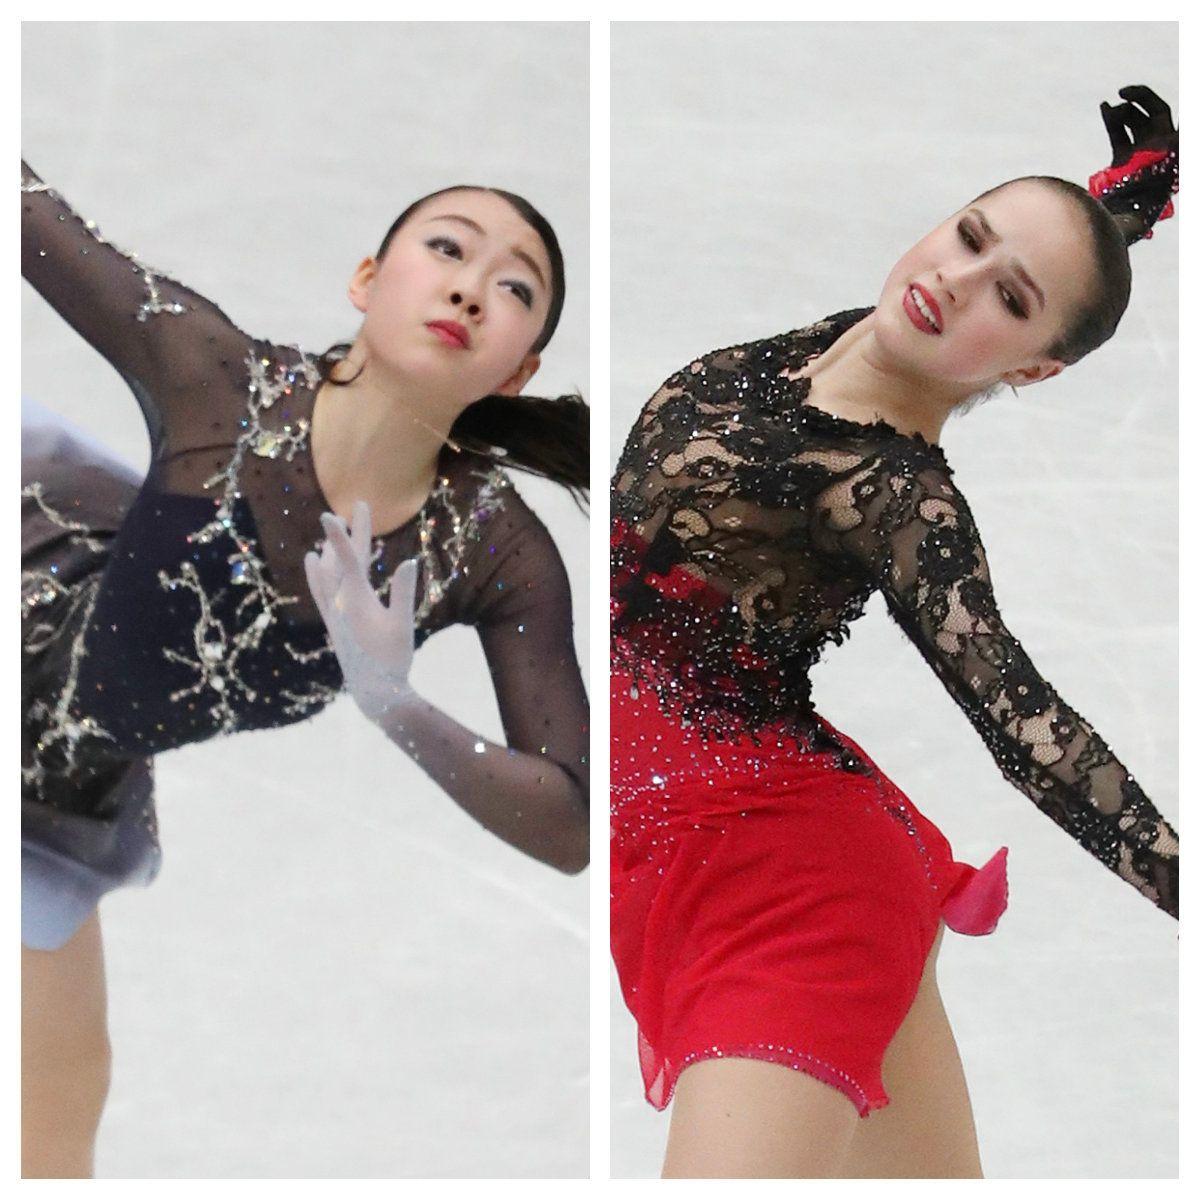 紀平梨花選手(左)とザギトワ選手(右)